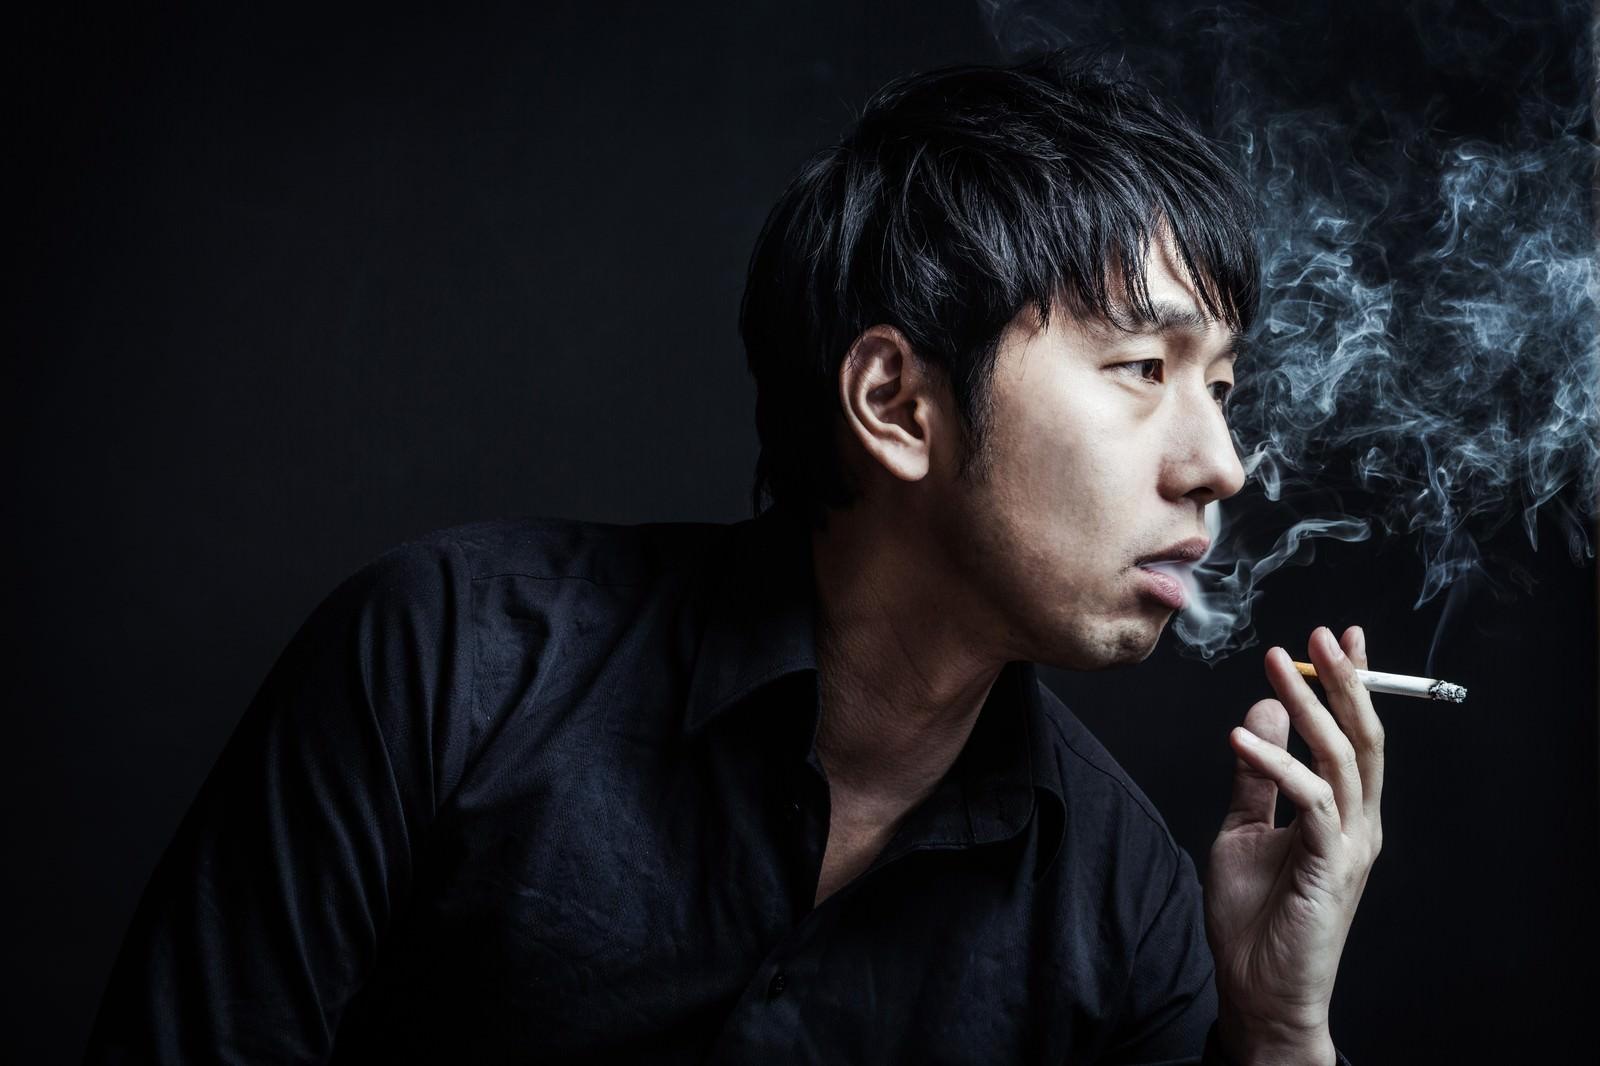 「「あんた、イカサマしただろ?」と煙を吐く昭和の雀士「あんた、イカサマしただろ?」と煙を吐く昭和の雀士」[モデル:大川竜弥]のフリー写真素材を拡大